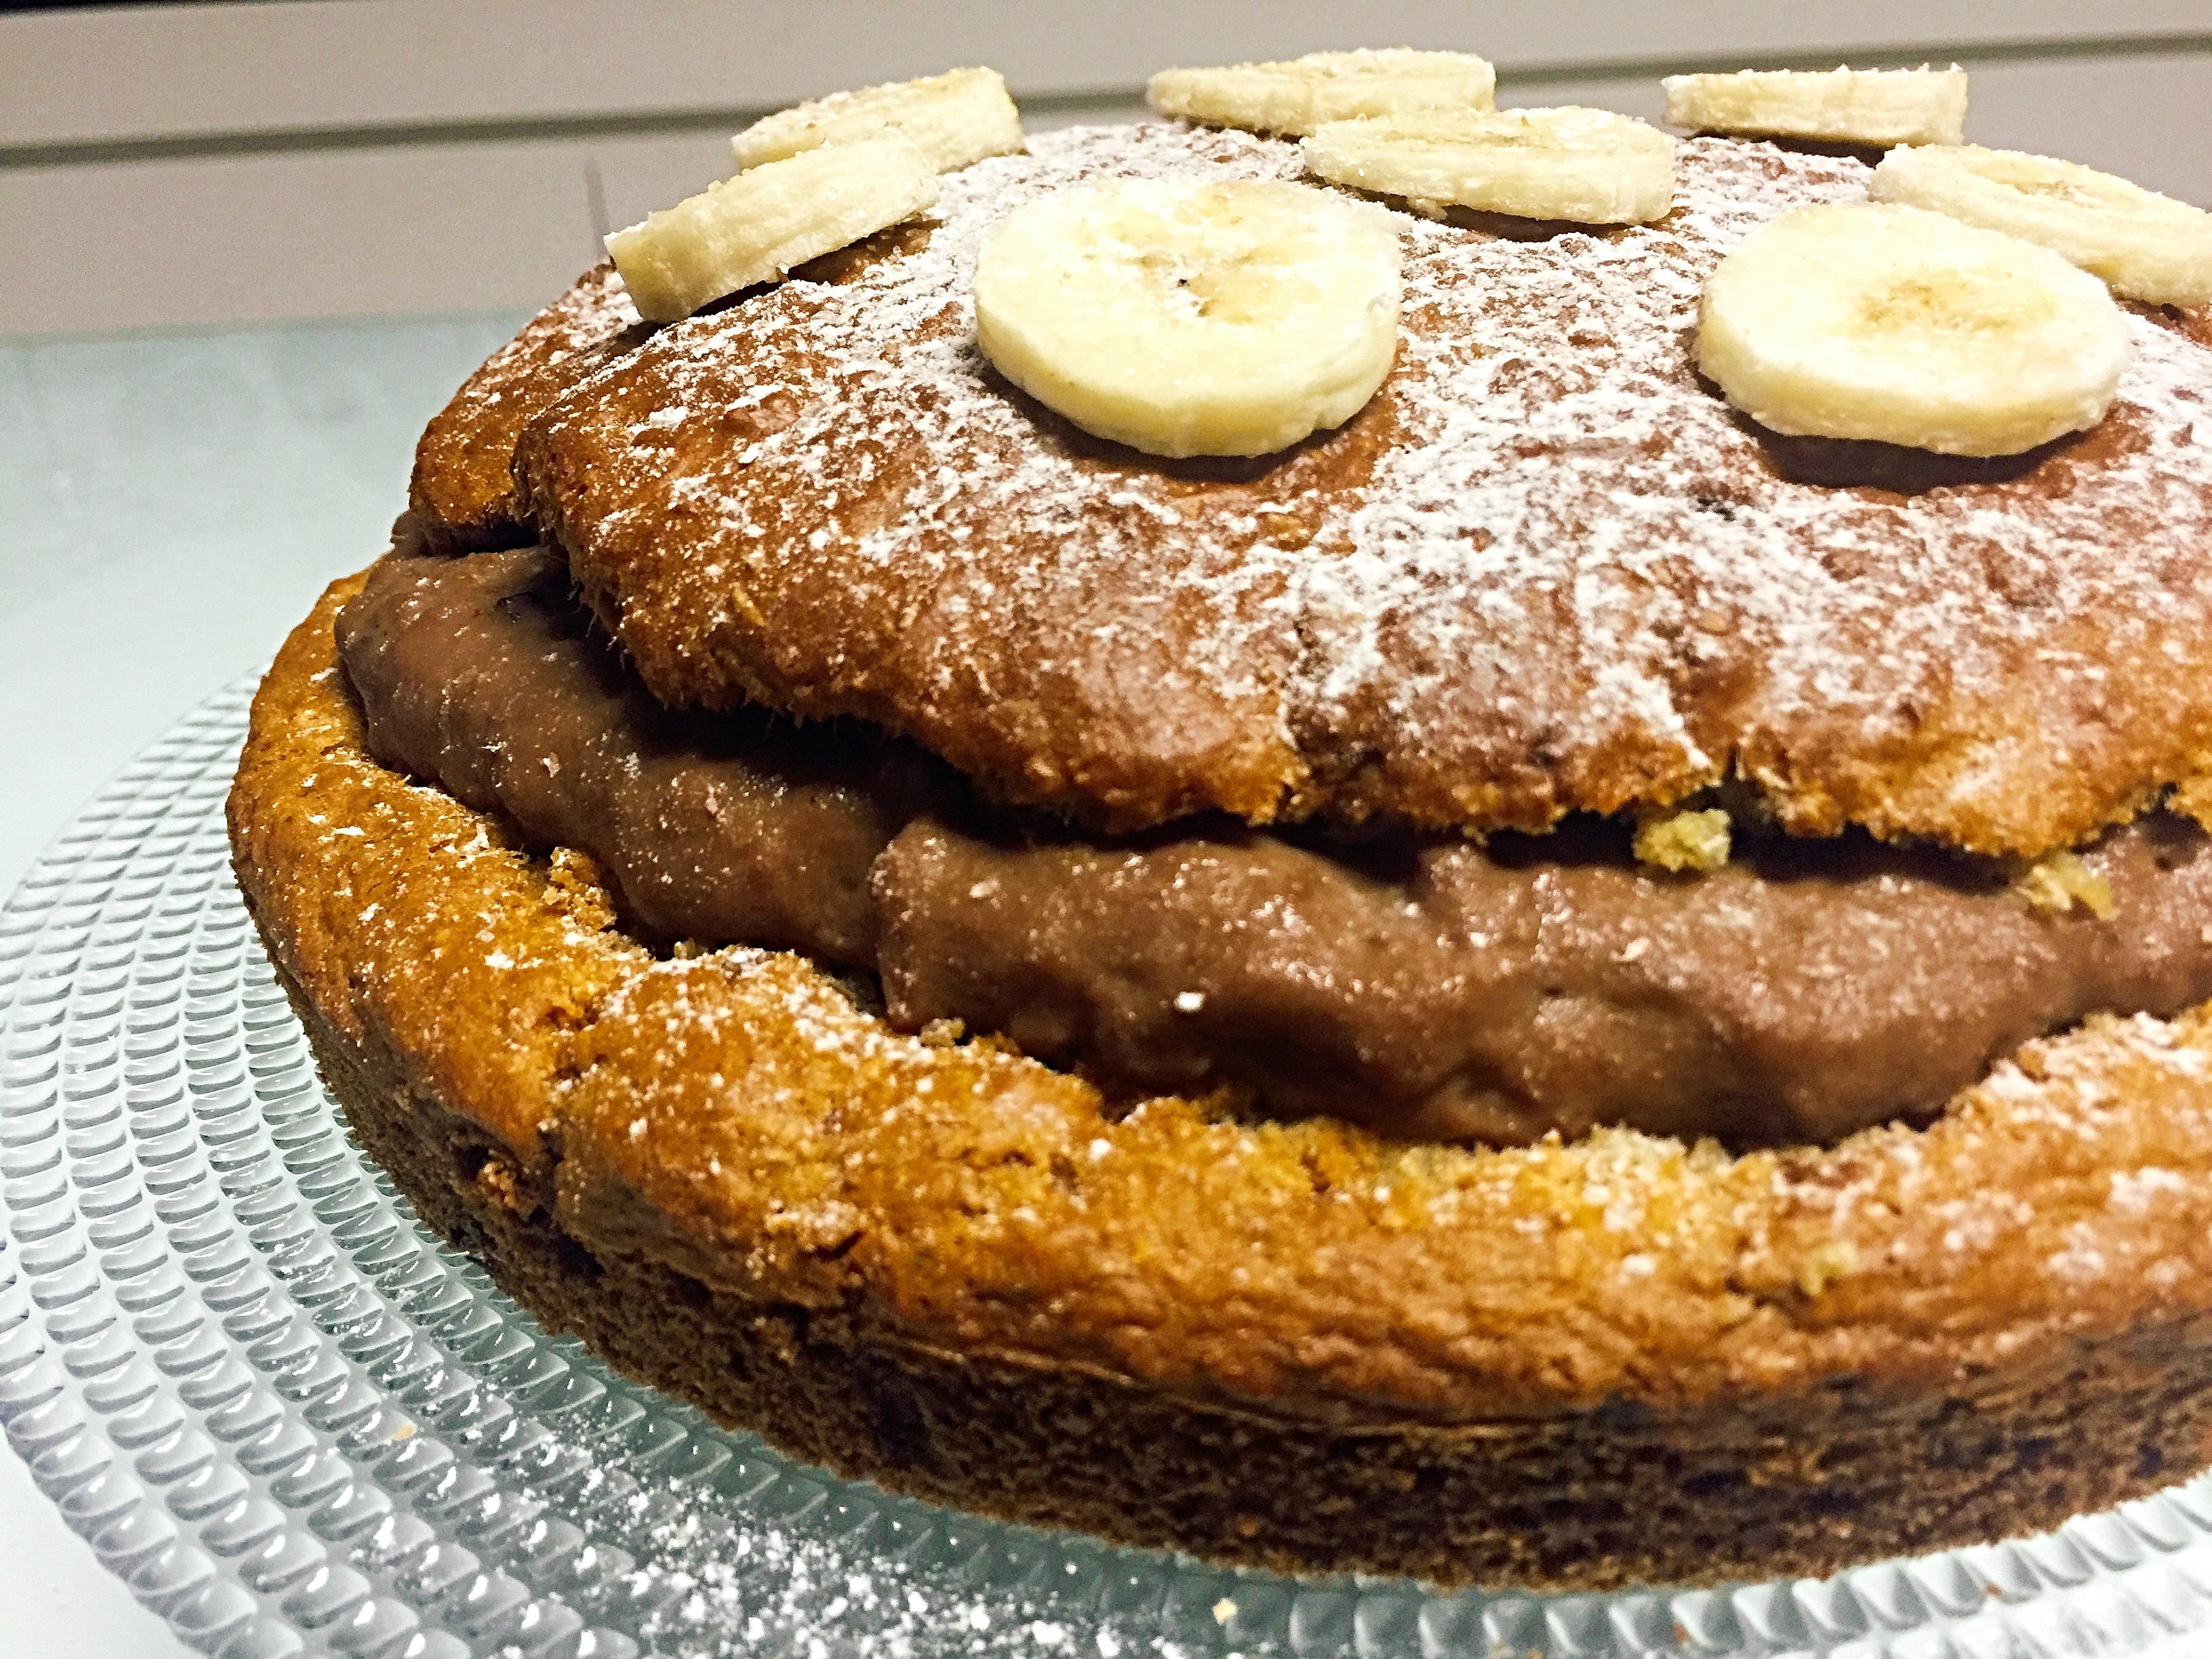 Torta alla Crema di Banana Senza Burro, un dolce originale senza uova e latticini di dolci senza burro